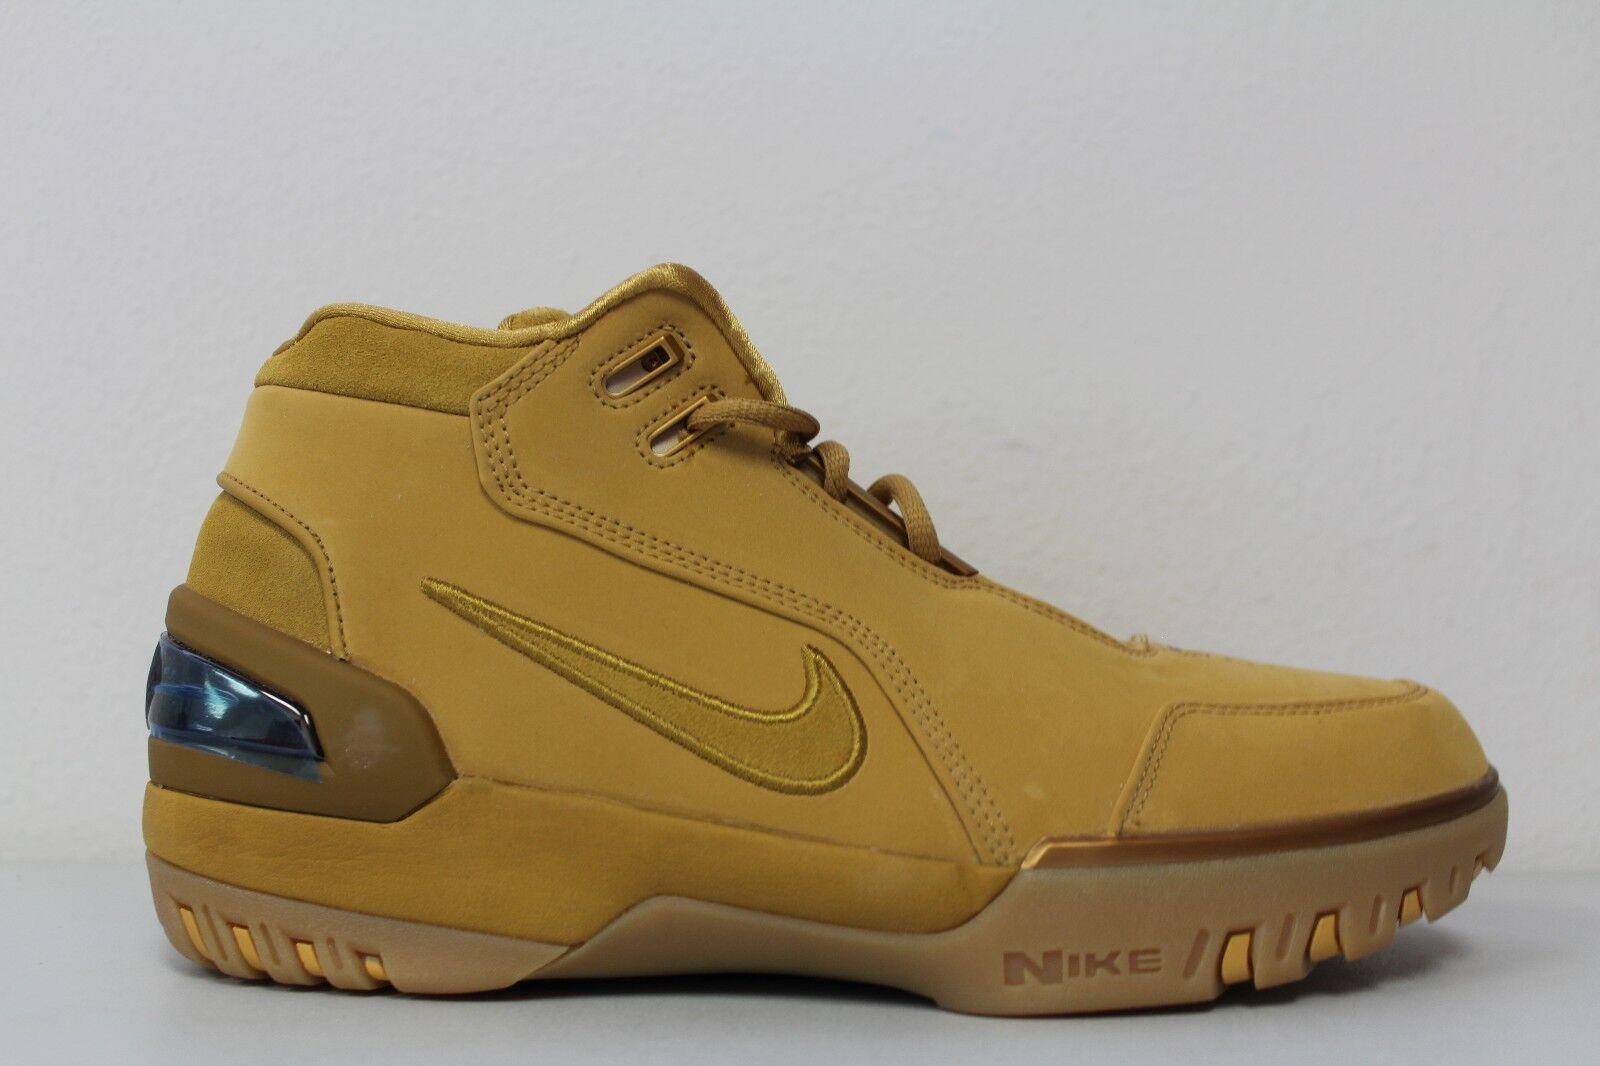 Nike Hombre Air LeBron Zoom generación ASG QS LeBron Air 1 Wheat Oro aq0110-700 Tamaño 10 5ed55c